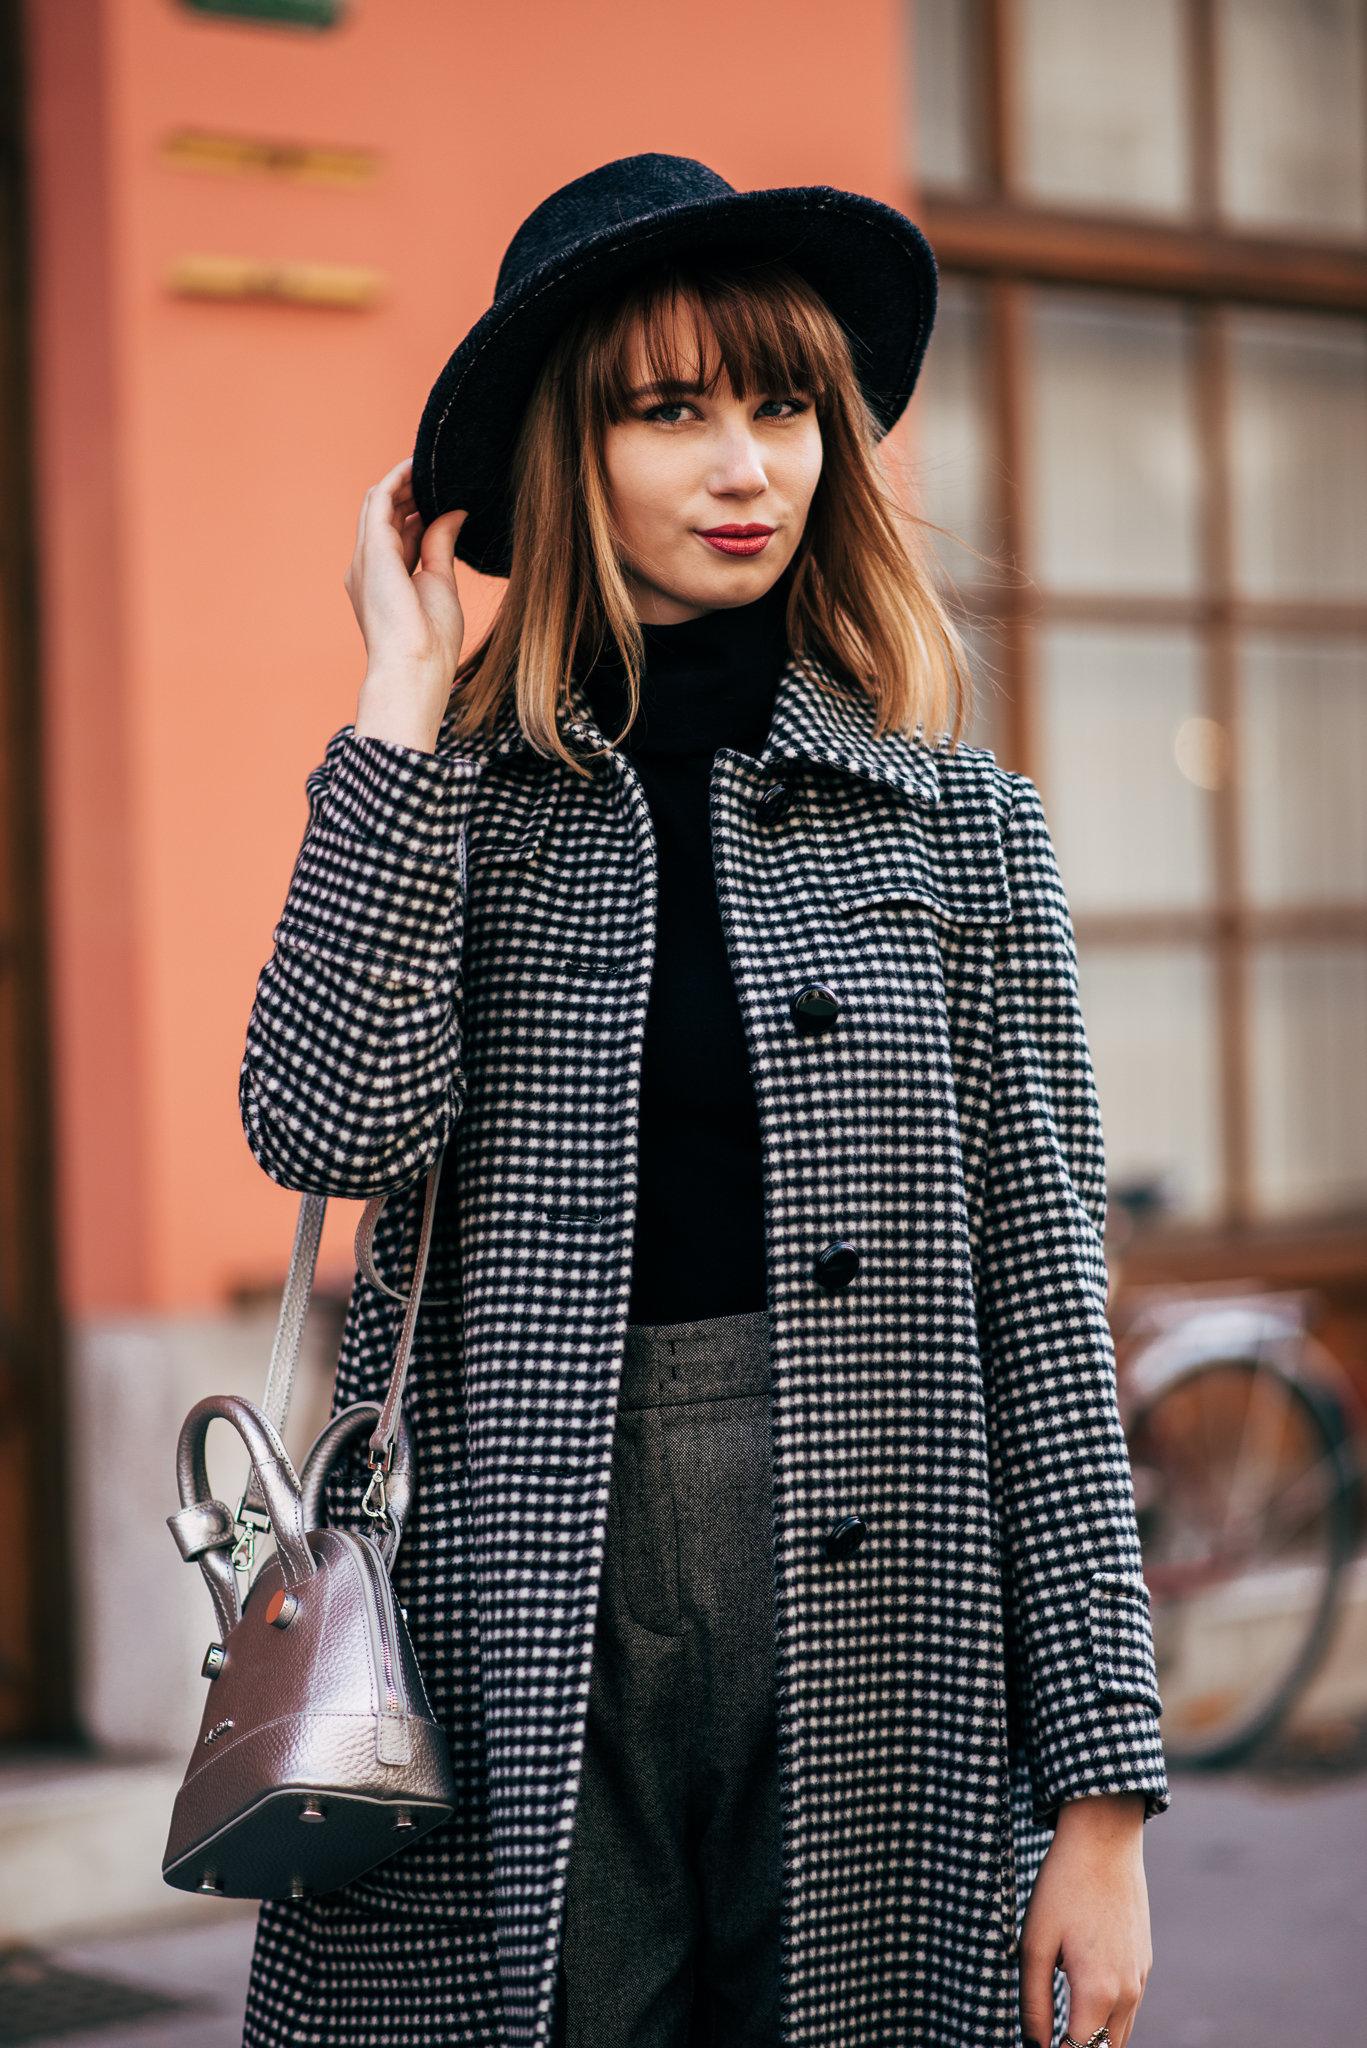 maxco_miss_juno_zalabell_fashion_winter_1